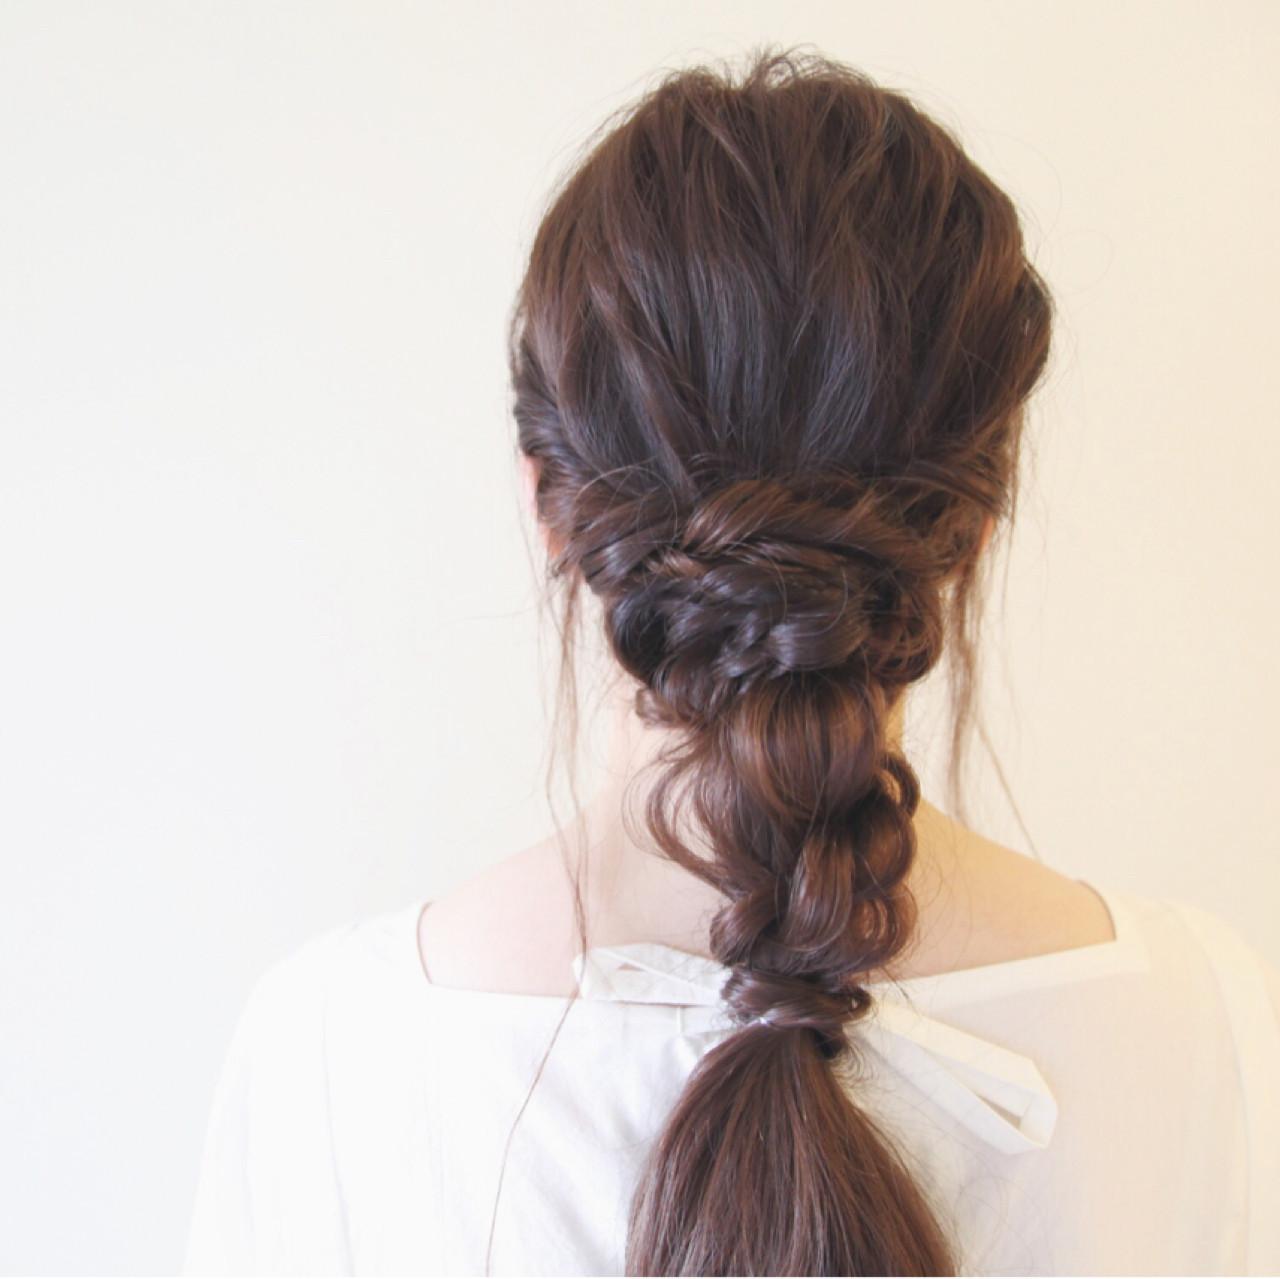 波ウェーブ ヘアアレンジ ショート ロング ヘアスタイルや髪型の写真・画像 | ayamimurakami / KOCHAB